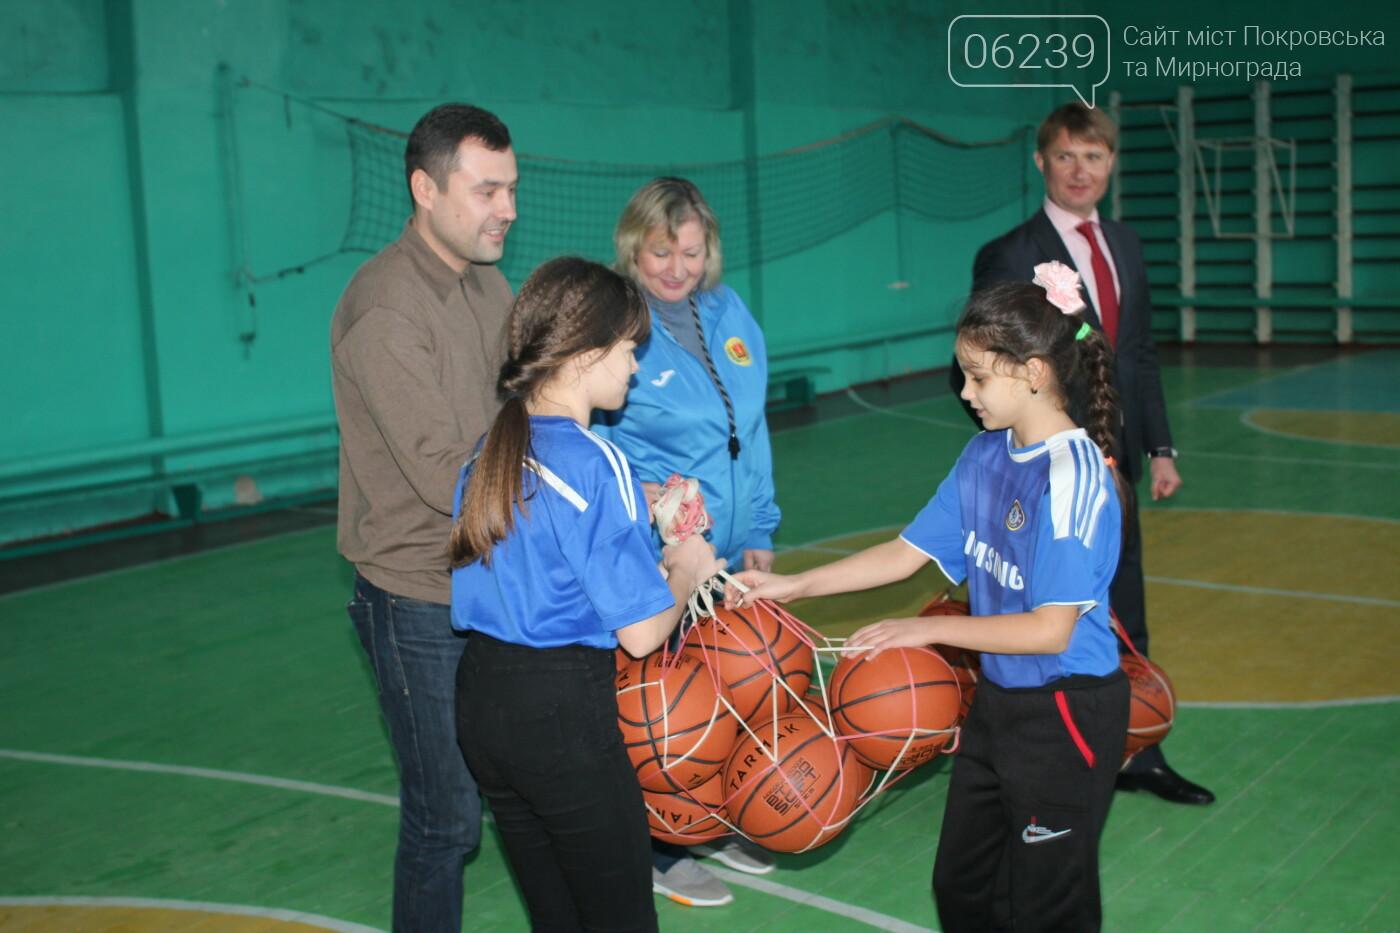 Секции Мирноградской ДЮСШ получили новый инвентарь , фото-2